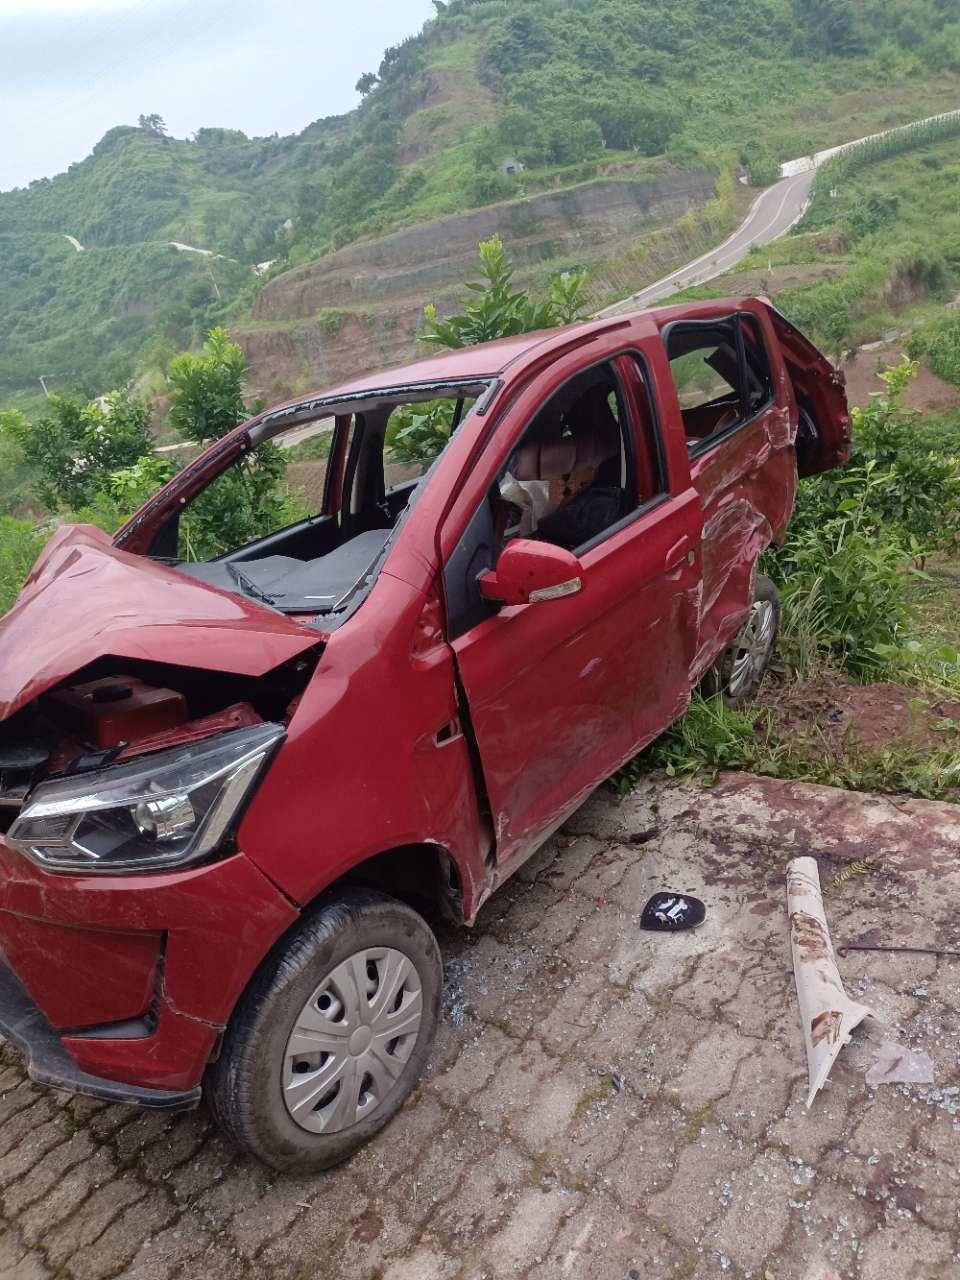 农村种地的便道上面开车,危险得很!